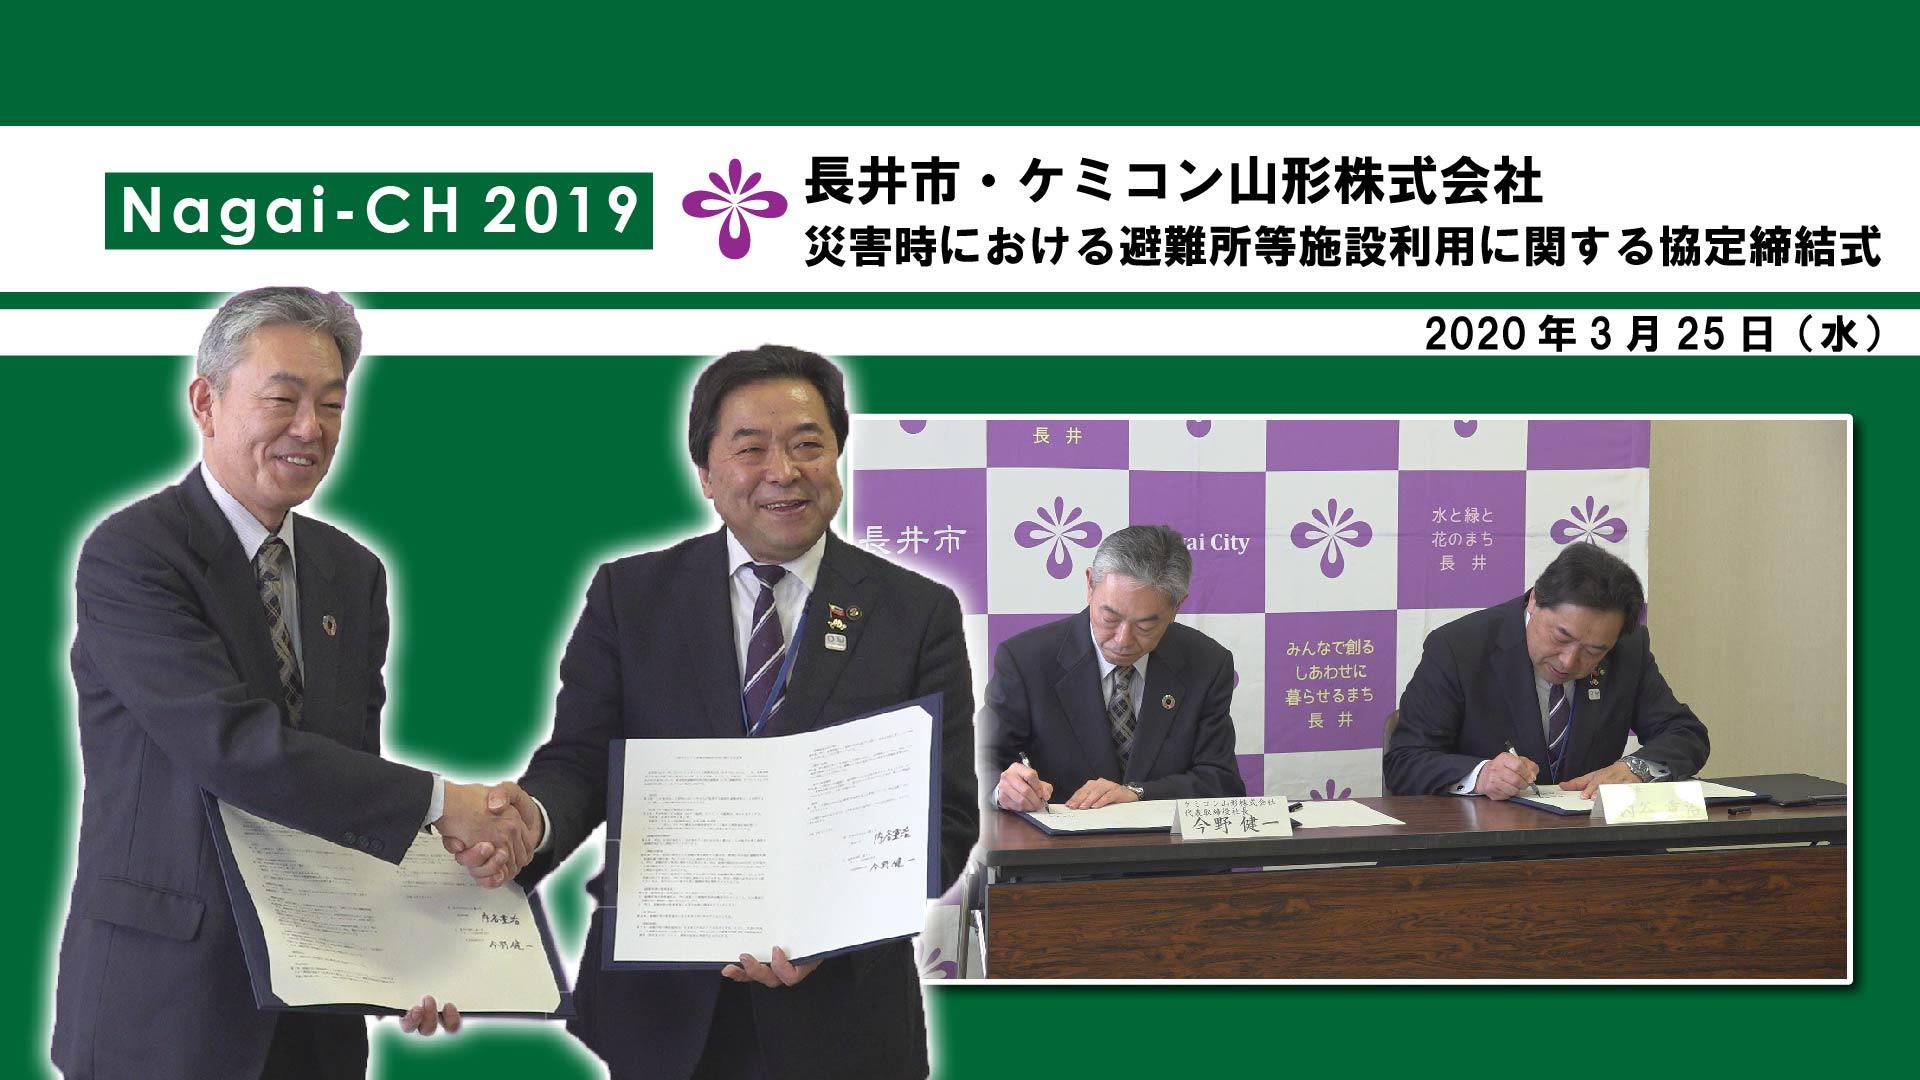 【長井市】ケミコン山形�との災害時における避難所等施設利用に関する協定締結式(令和2年3月25日):画像